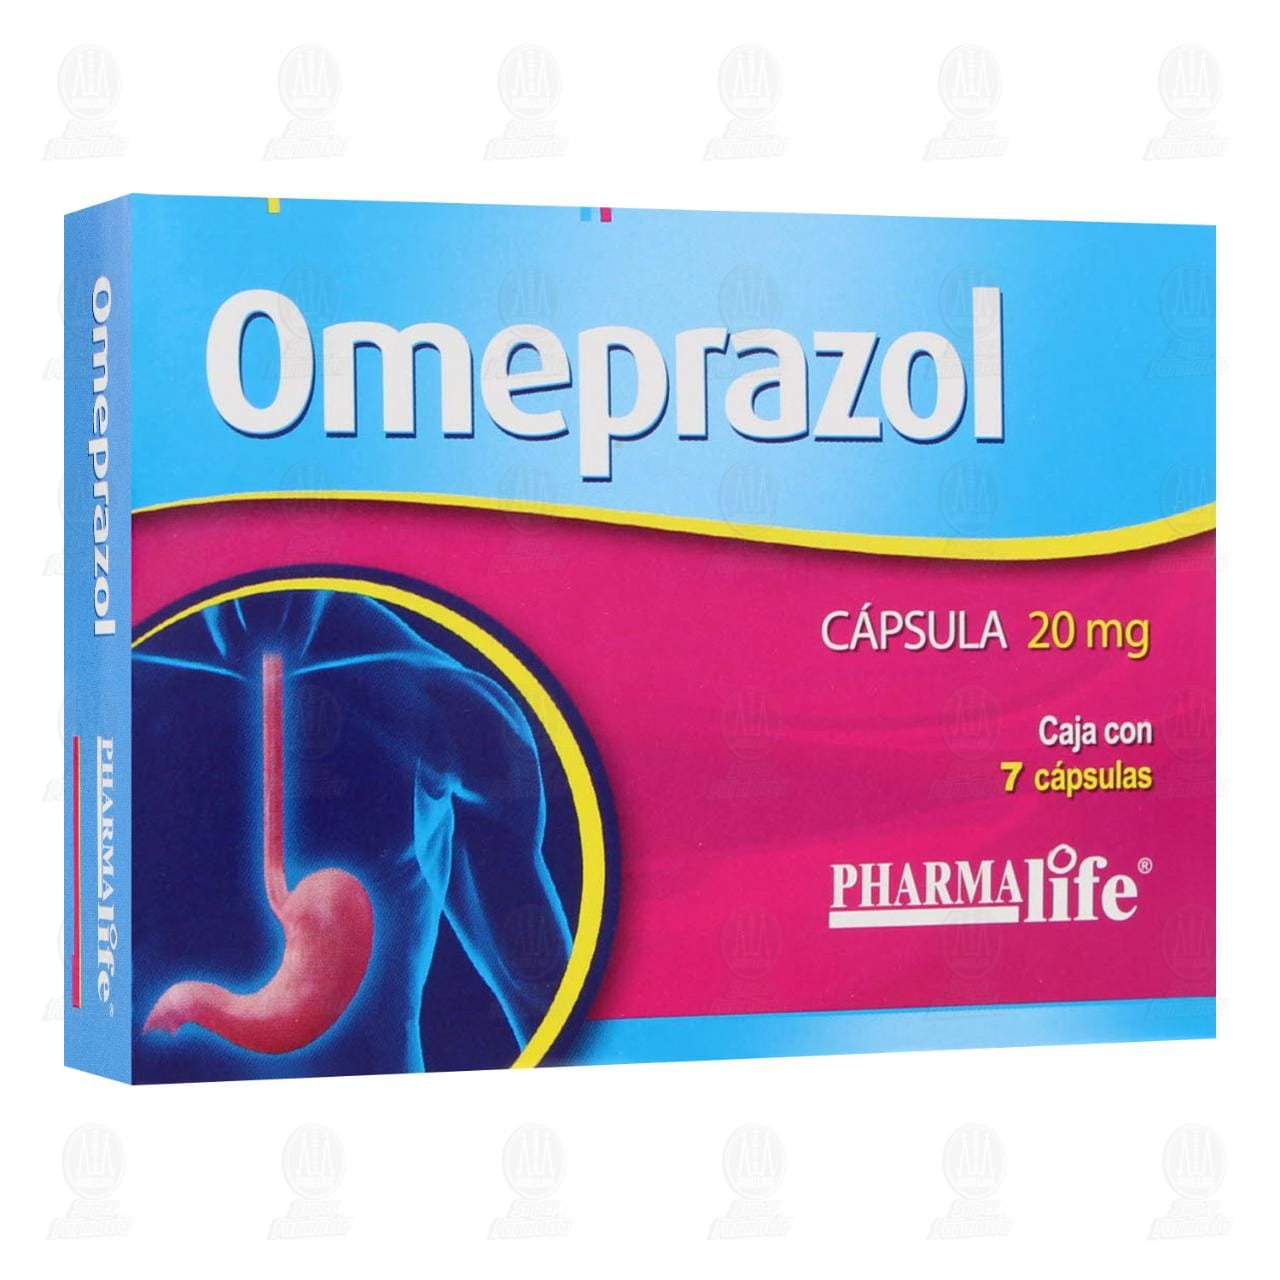 comprar https://www.movil.farmaciasguadalajara.com/wcsstore/FGCAS/wcs/products/1334328_A_1280_AL.jpg en farmacias guadalajara